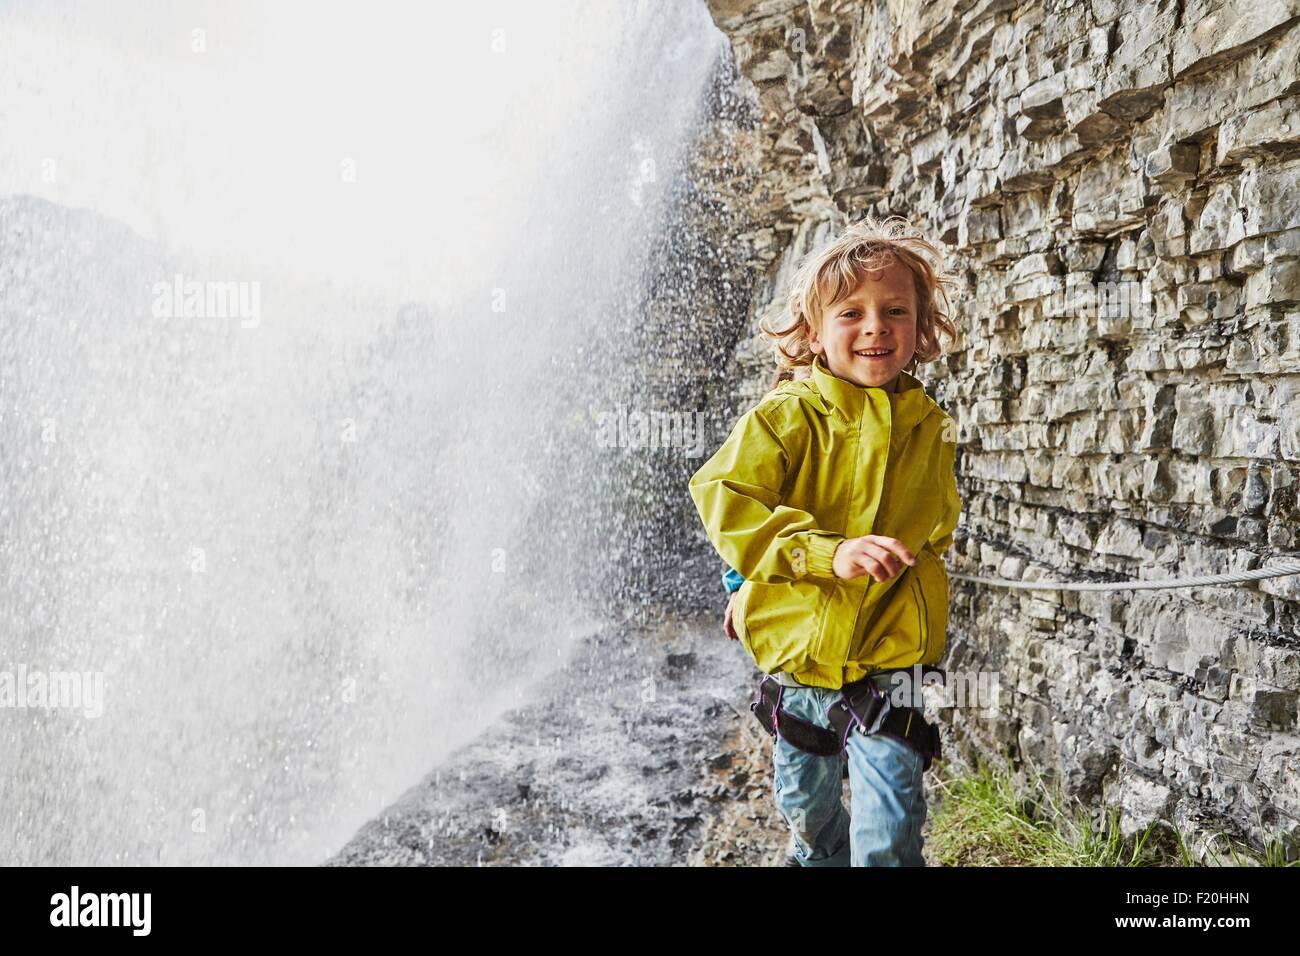 Ragazzo giovane camminando sotto la cascata, sorridente Immagini Stock